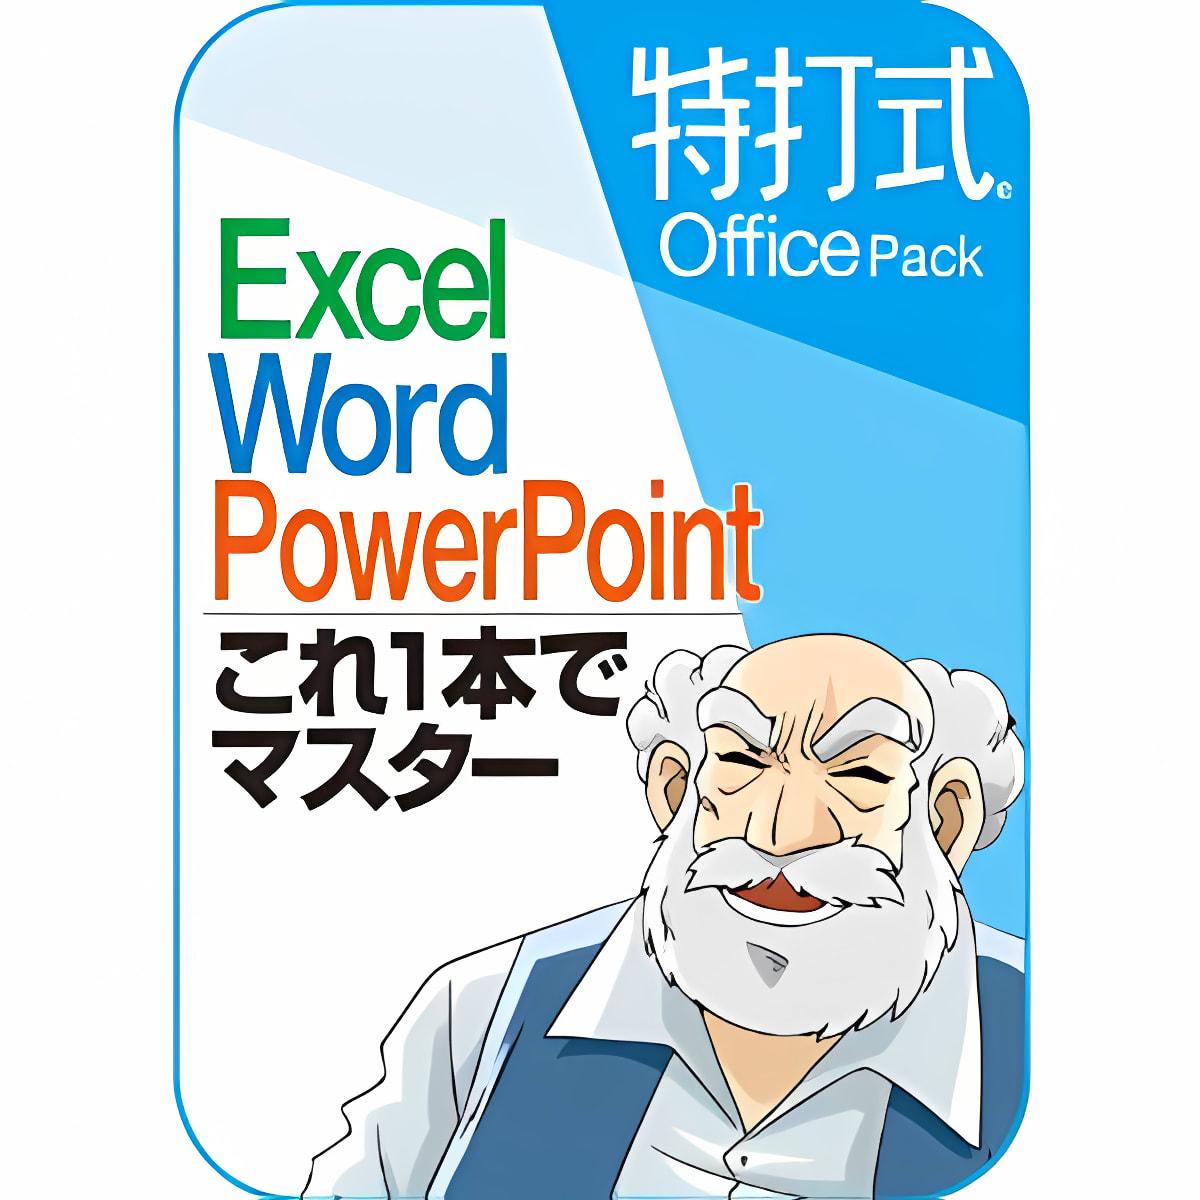 特打式® OfficePack Office2013対応版